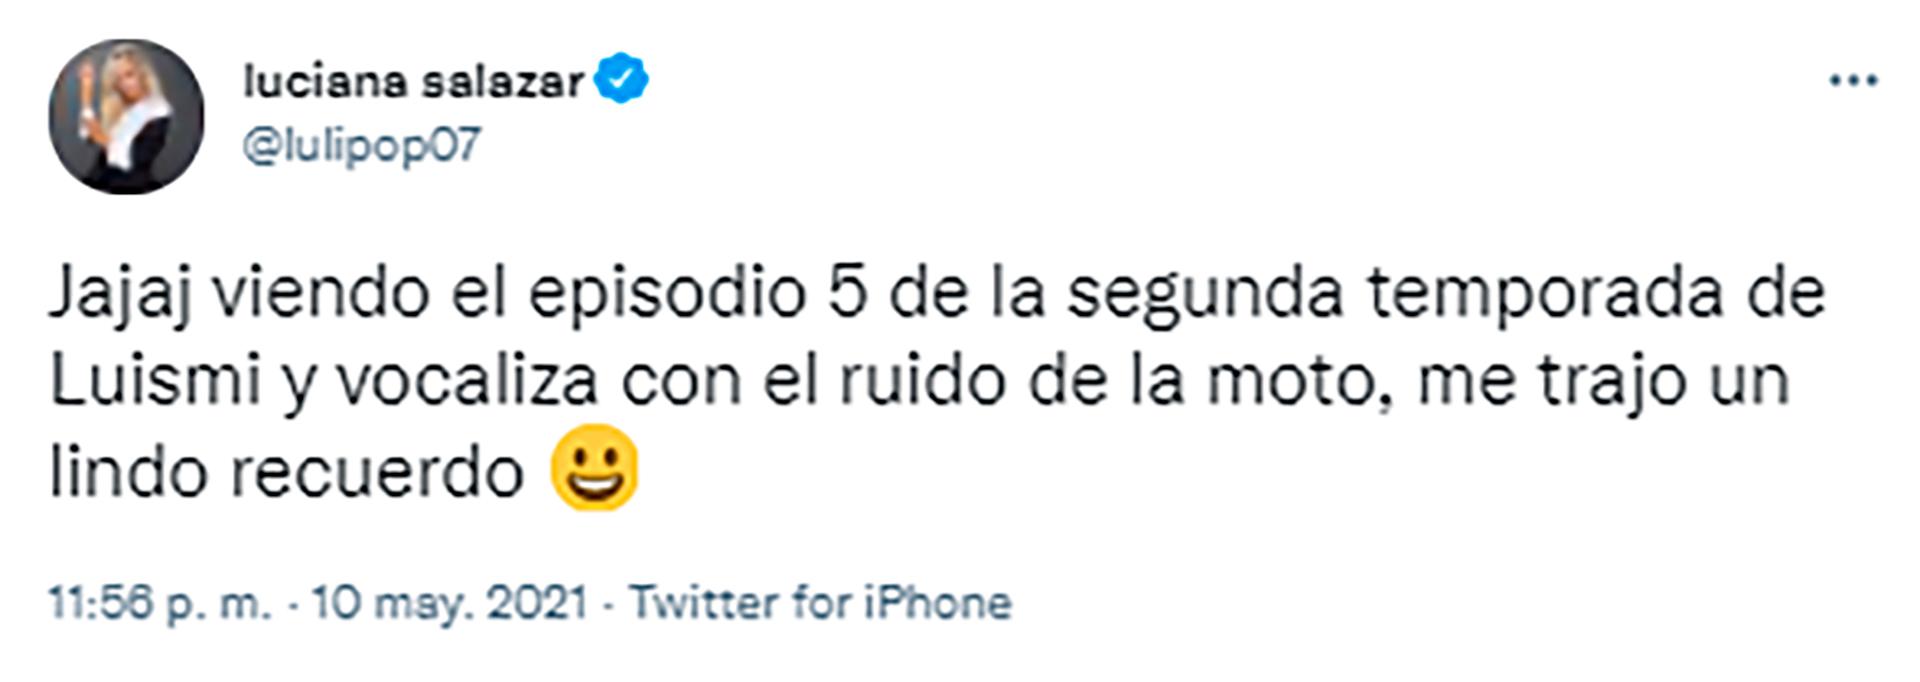 El tweet de Luciana Salazar sobre la serie de Luis Miguel